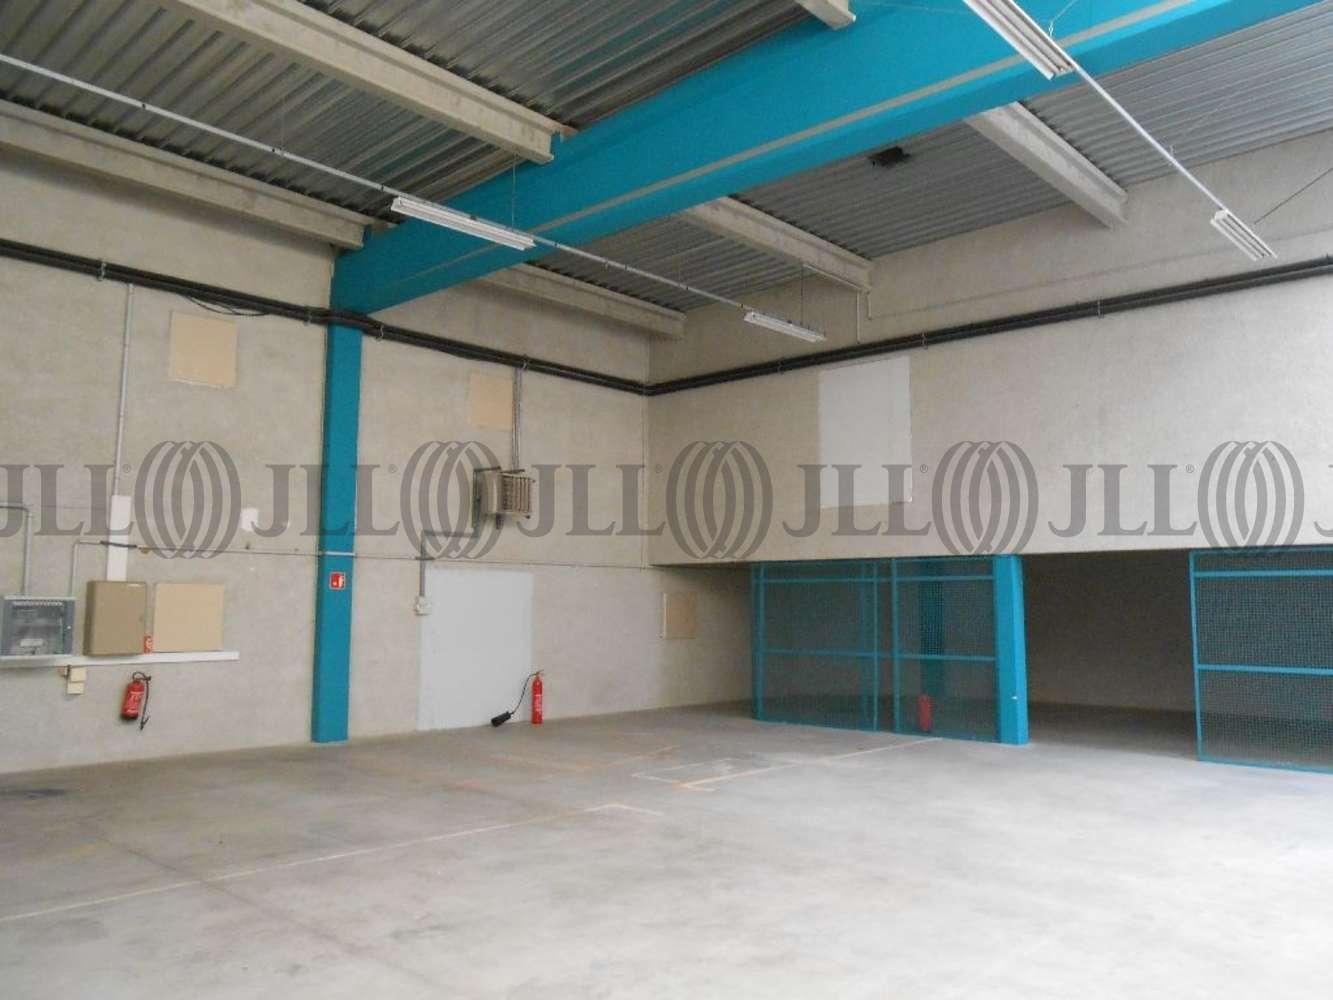 Activités/entrepôt Bron, 69500 - Location locaux d'activité Bron Lyon Est - 9838977